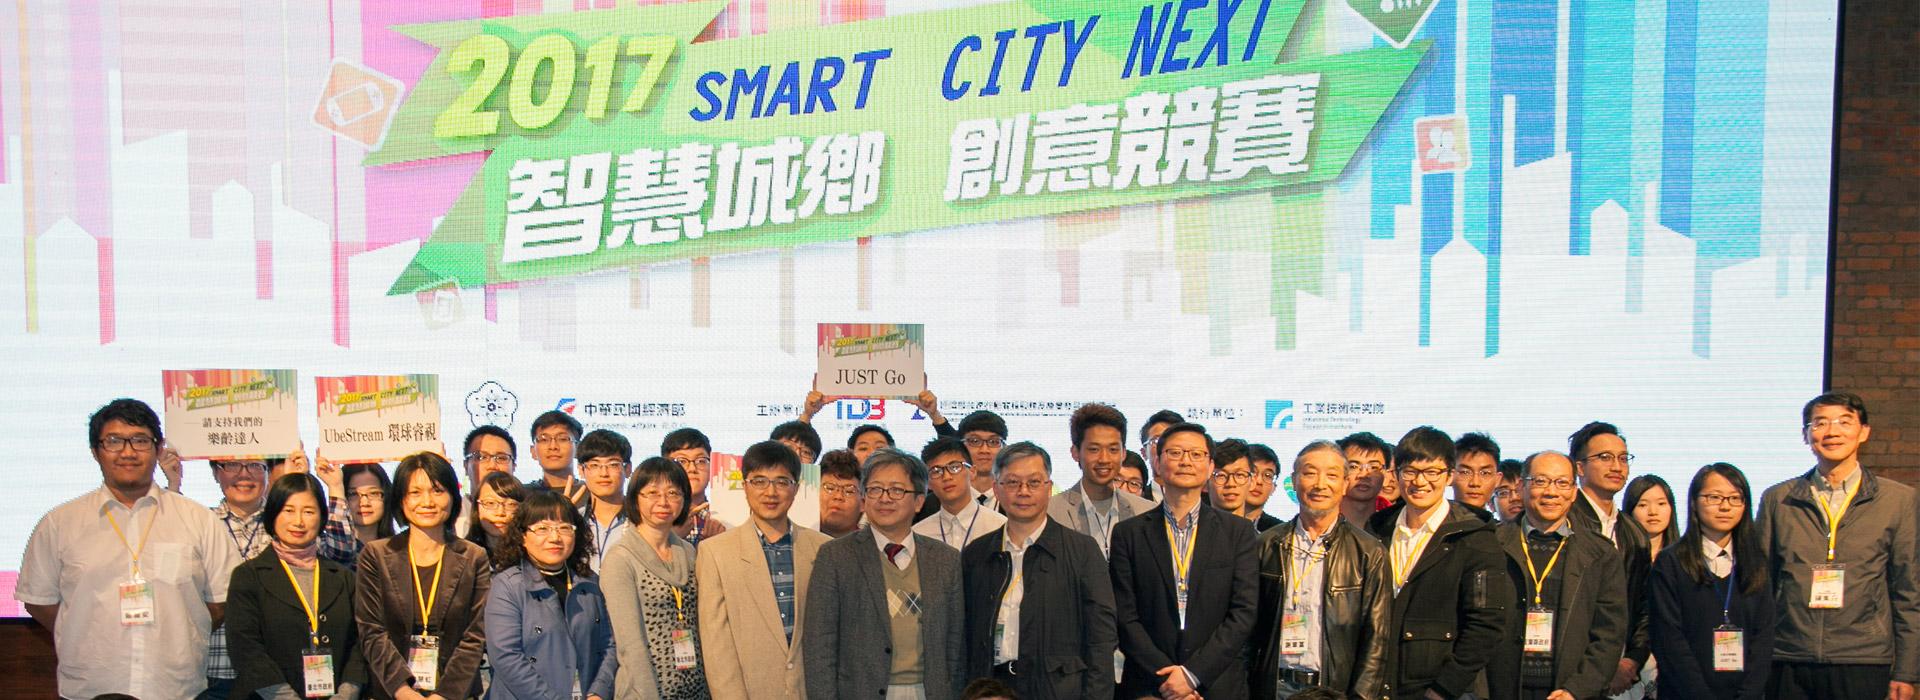 二○一七經濟部工業局智慧城鄉創意競賽  推動「4G智慧城市計畫」,地方出題、產業解題、政府補助